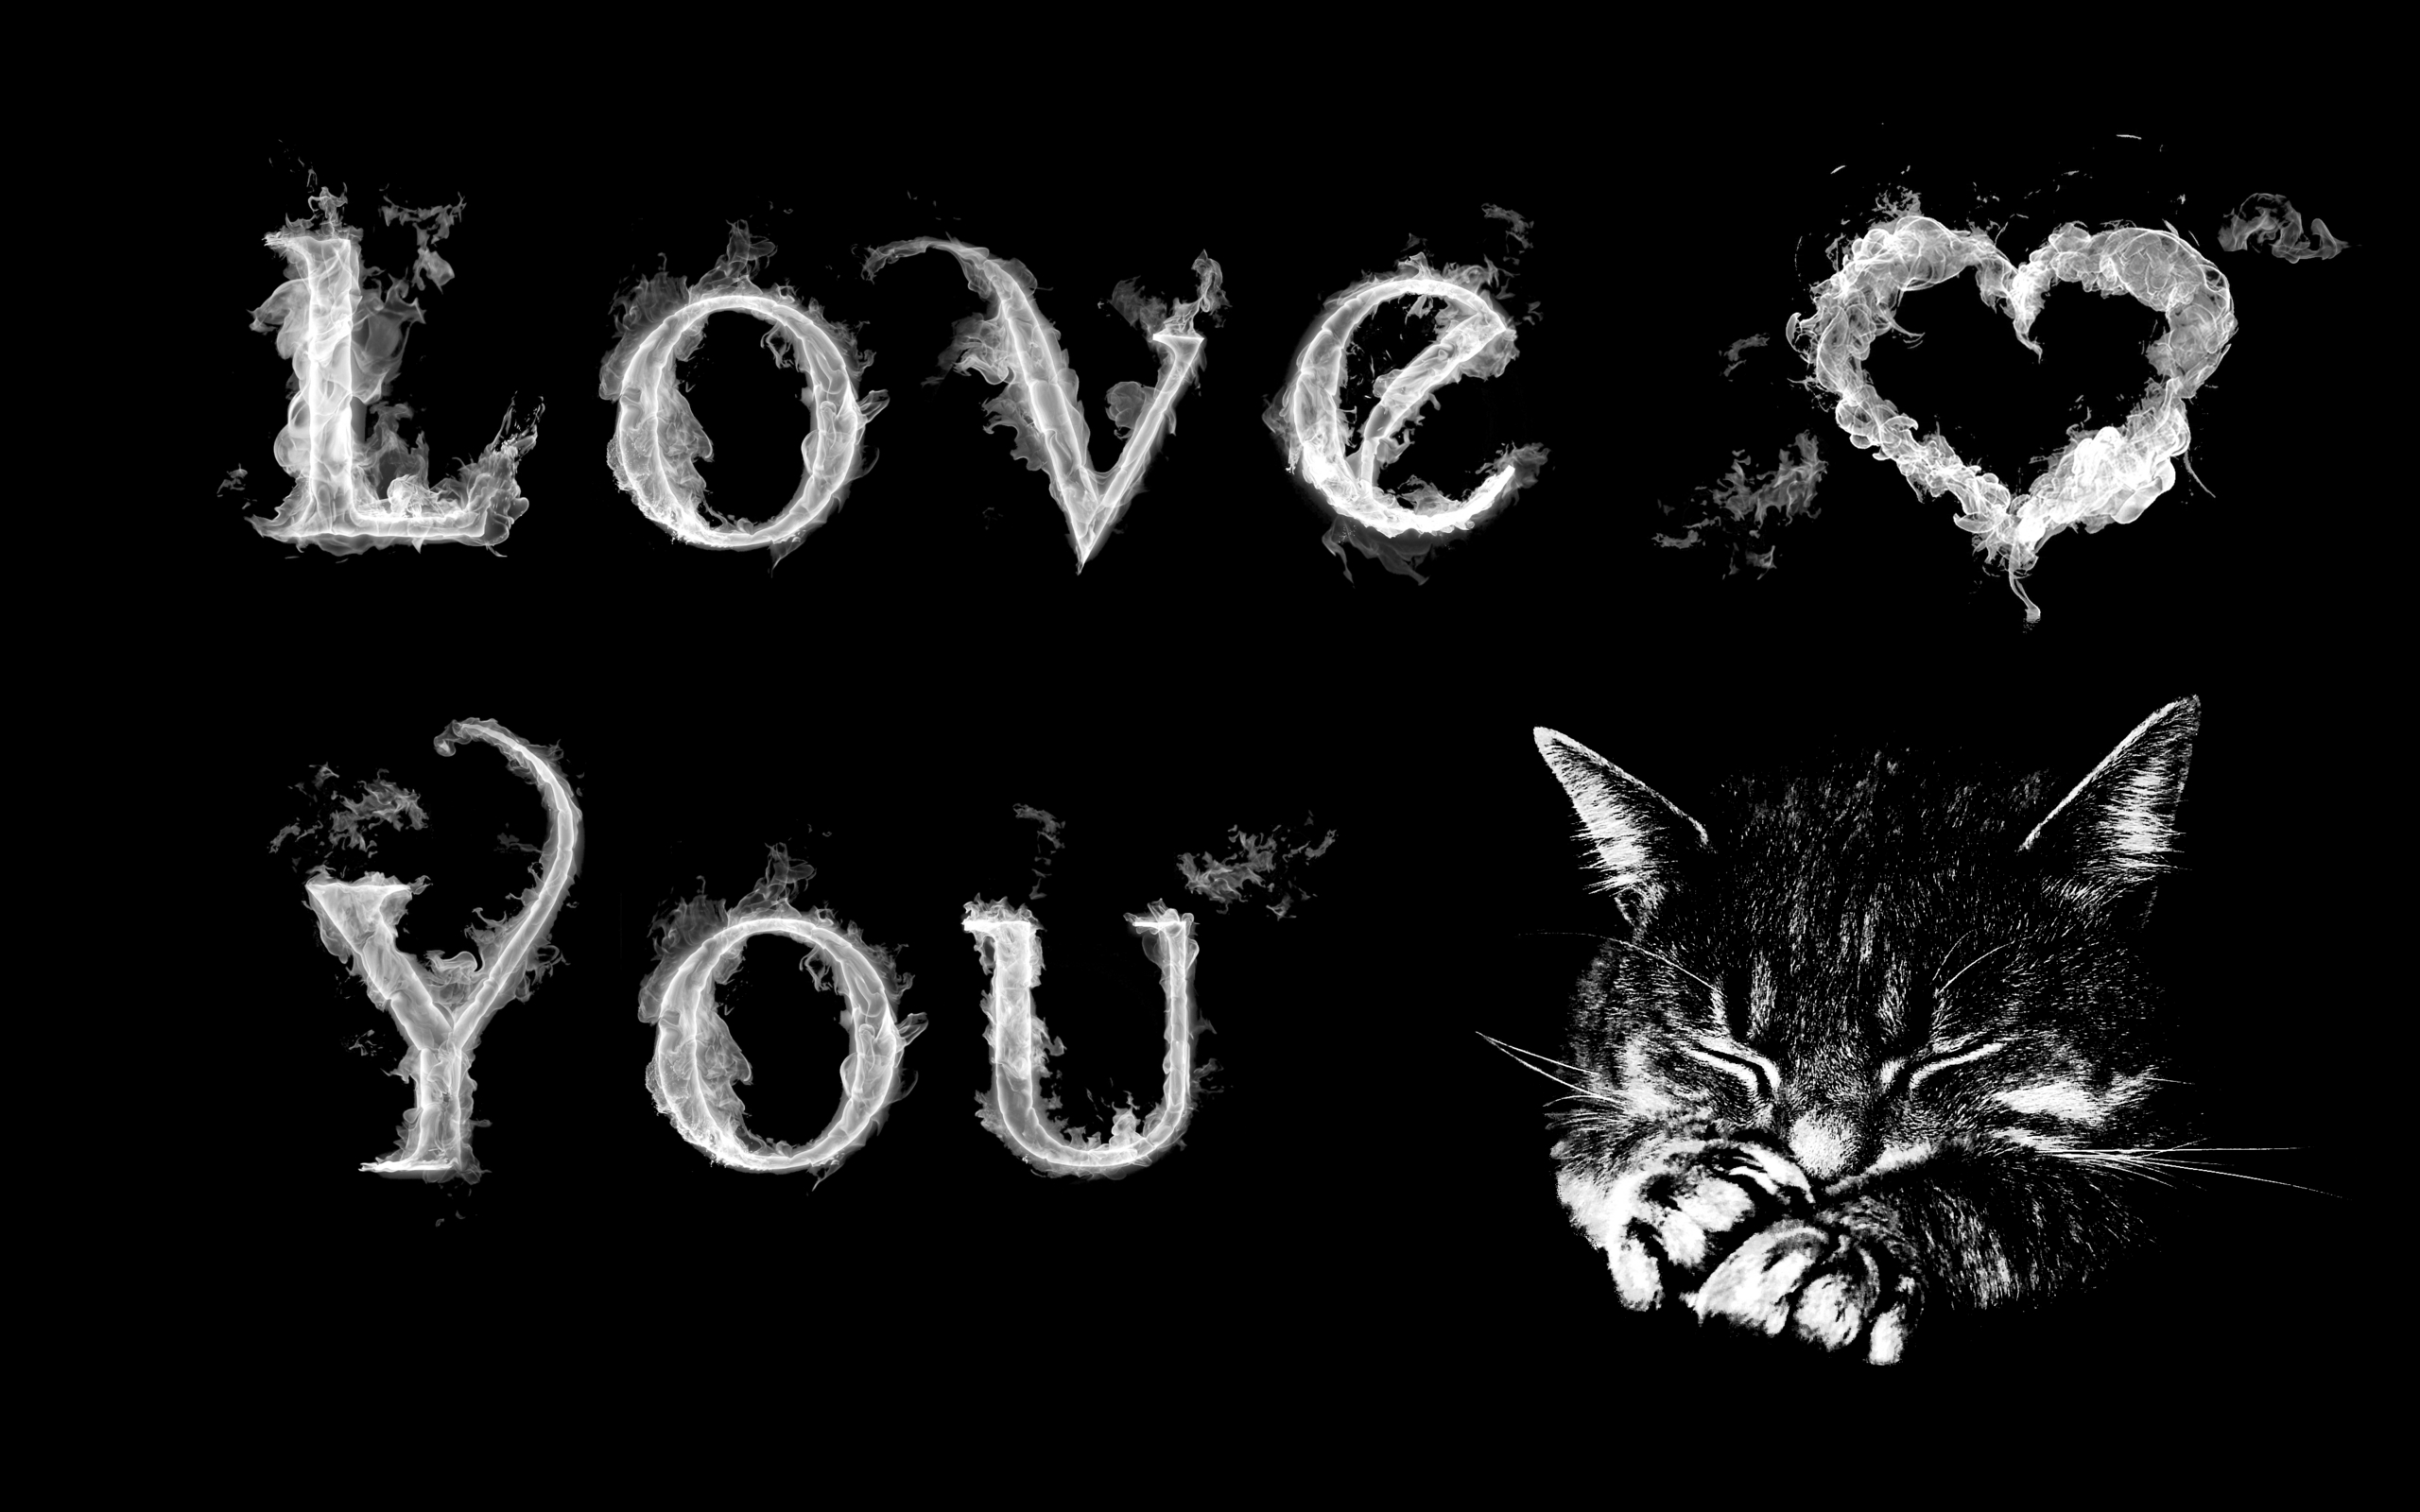 kitten 爱情